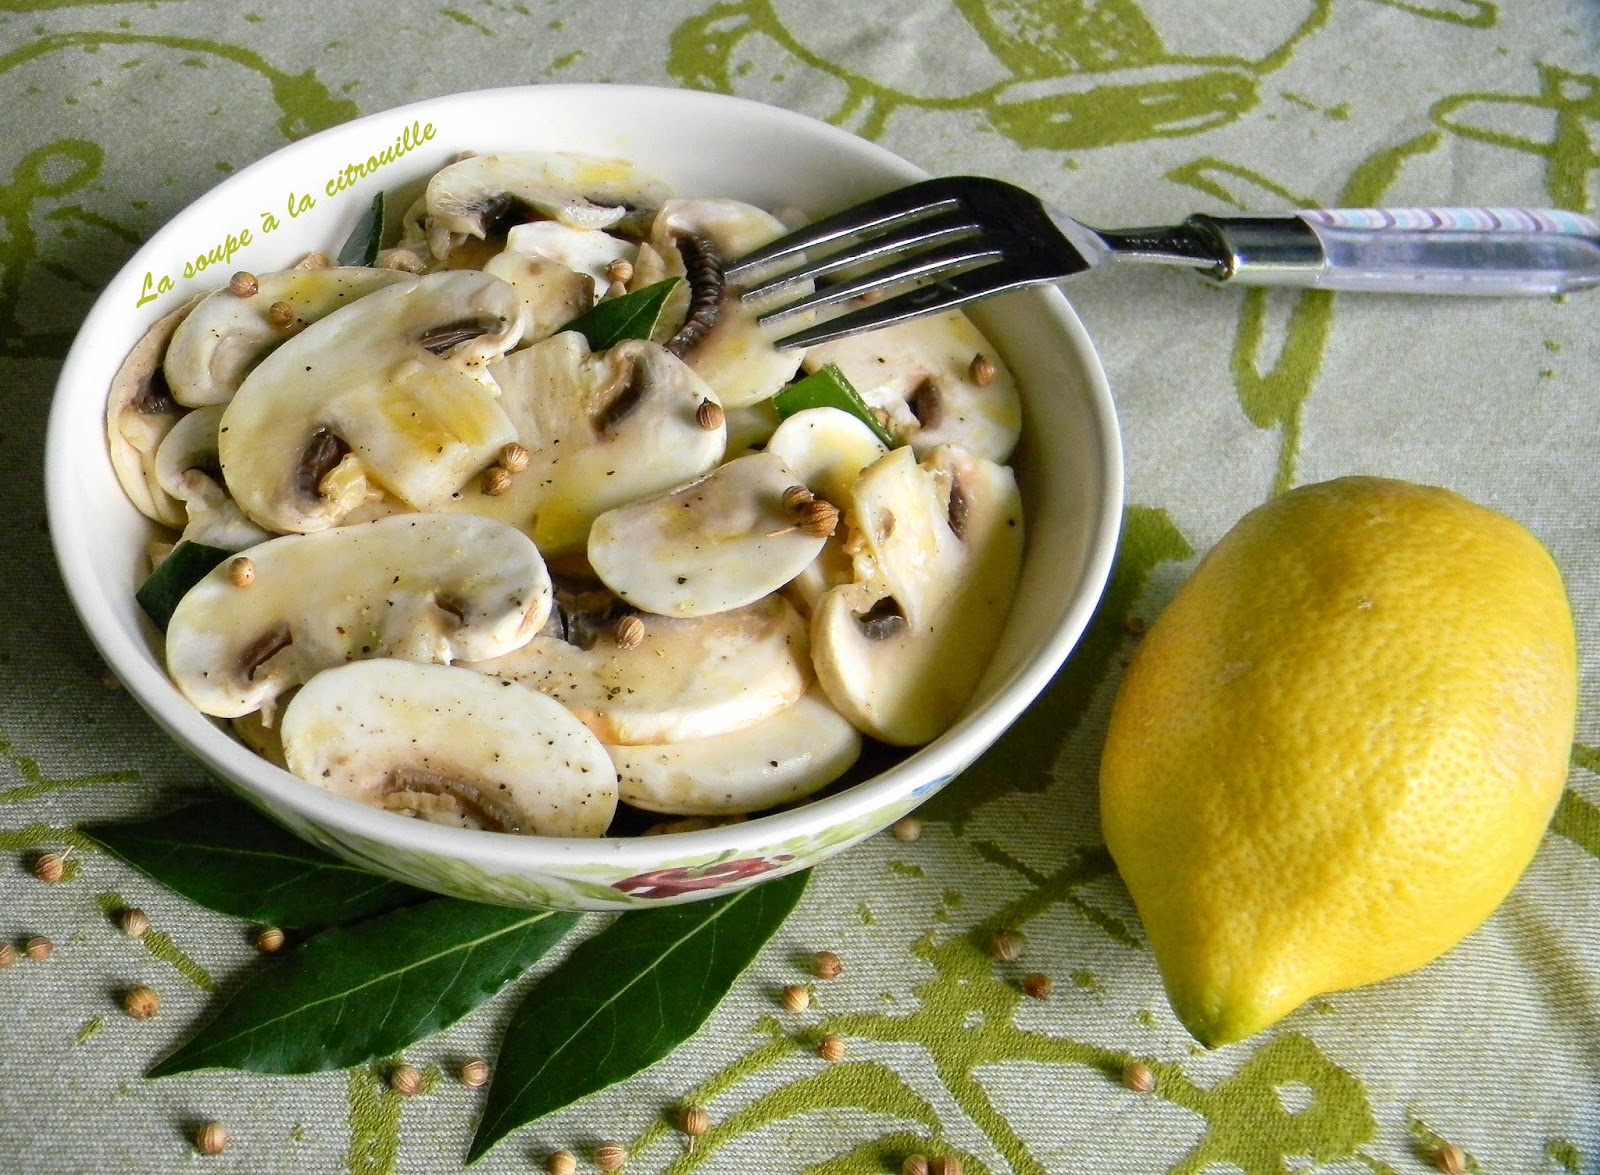 la soupe la citrouille salade de champignons crus l 39 huile d 39 olive et au citron. Black Bedroom Furniture Sets. Home Design Ideas